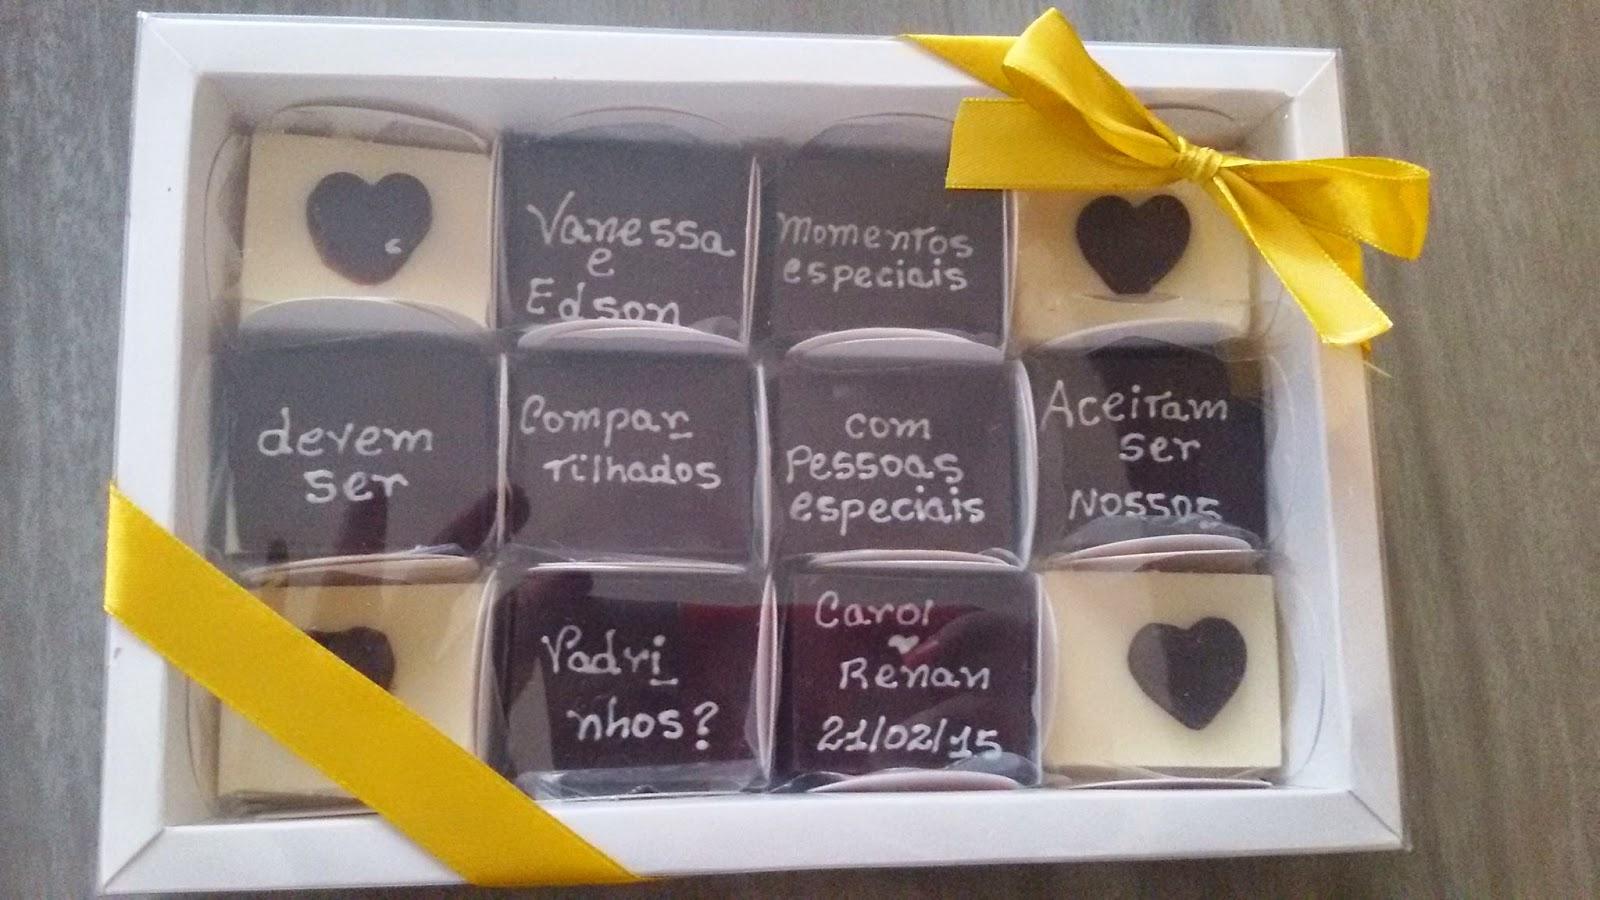 Blog de chocolatesecia : CHOCOLATES PERSONALIZADOS, Convite para padrinhos